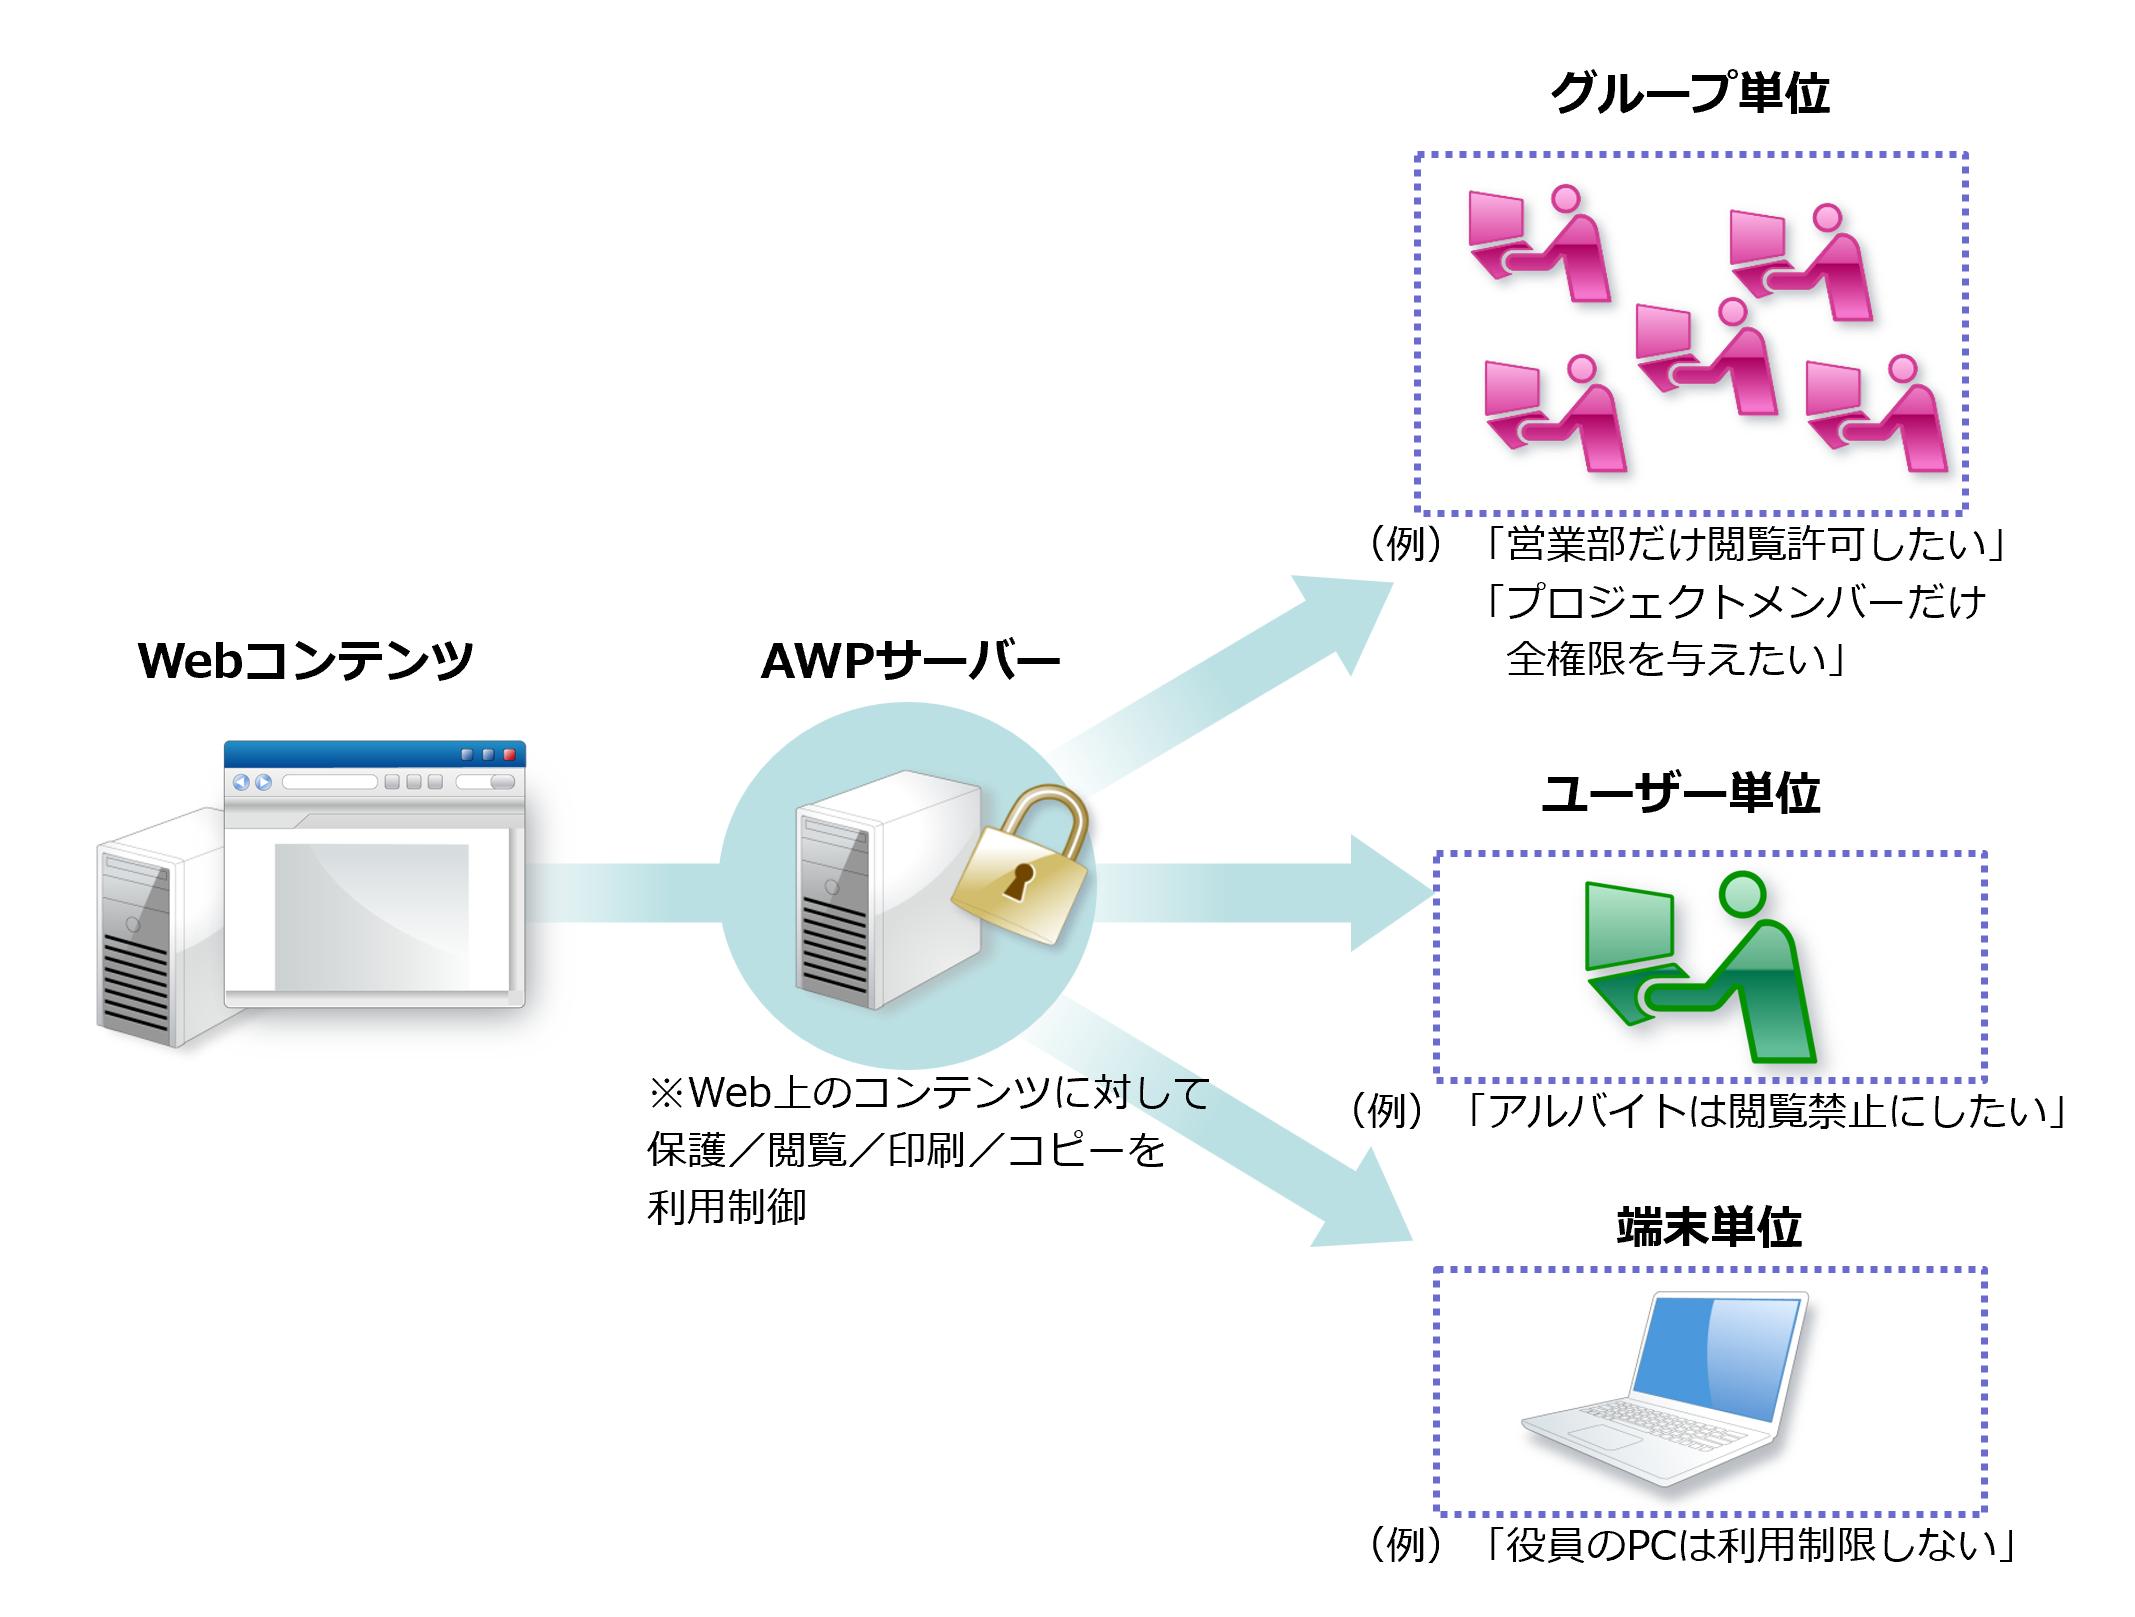 共有コンテンツの利用を、部署・利用者・端末単位で制御可能